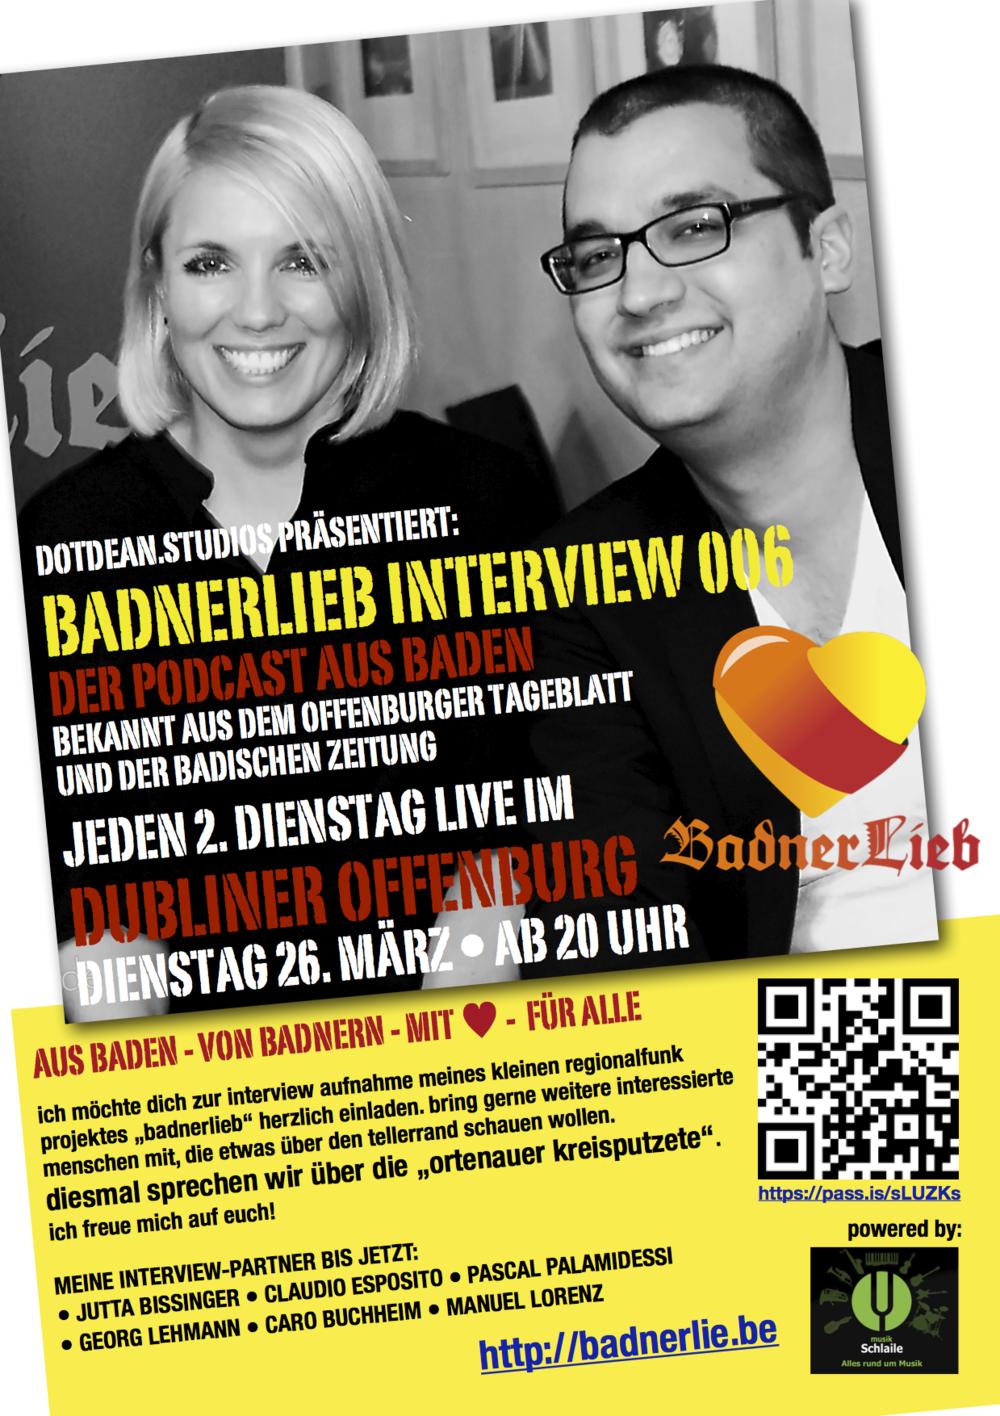 einladung #badnerlieb006